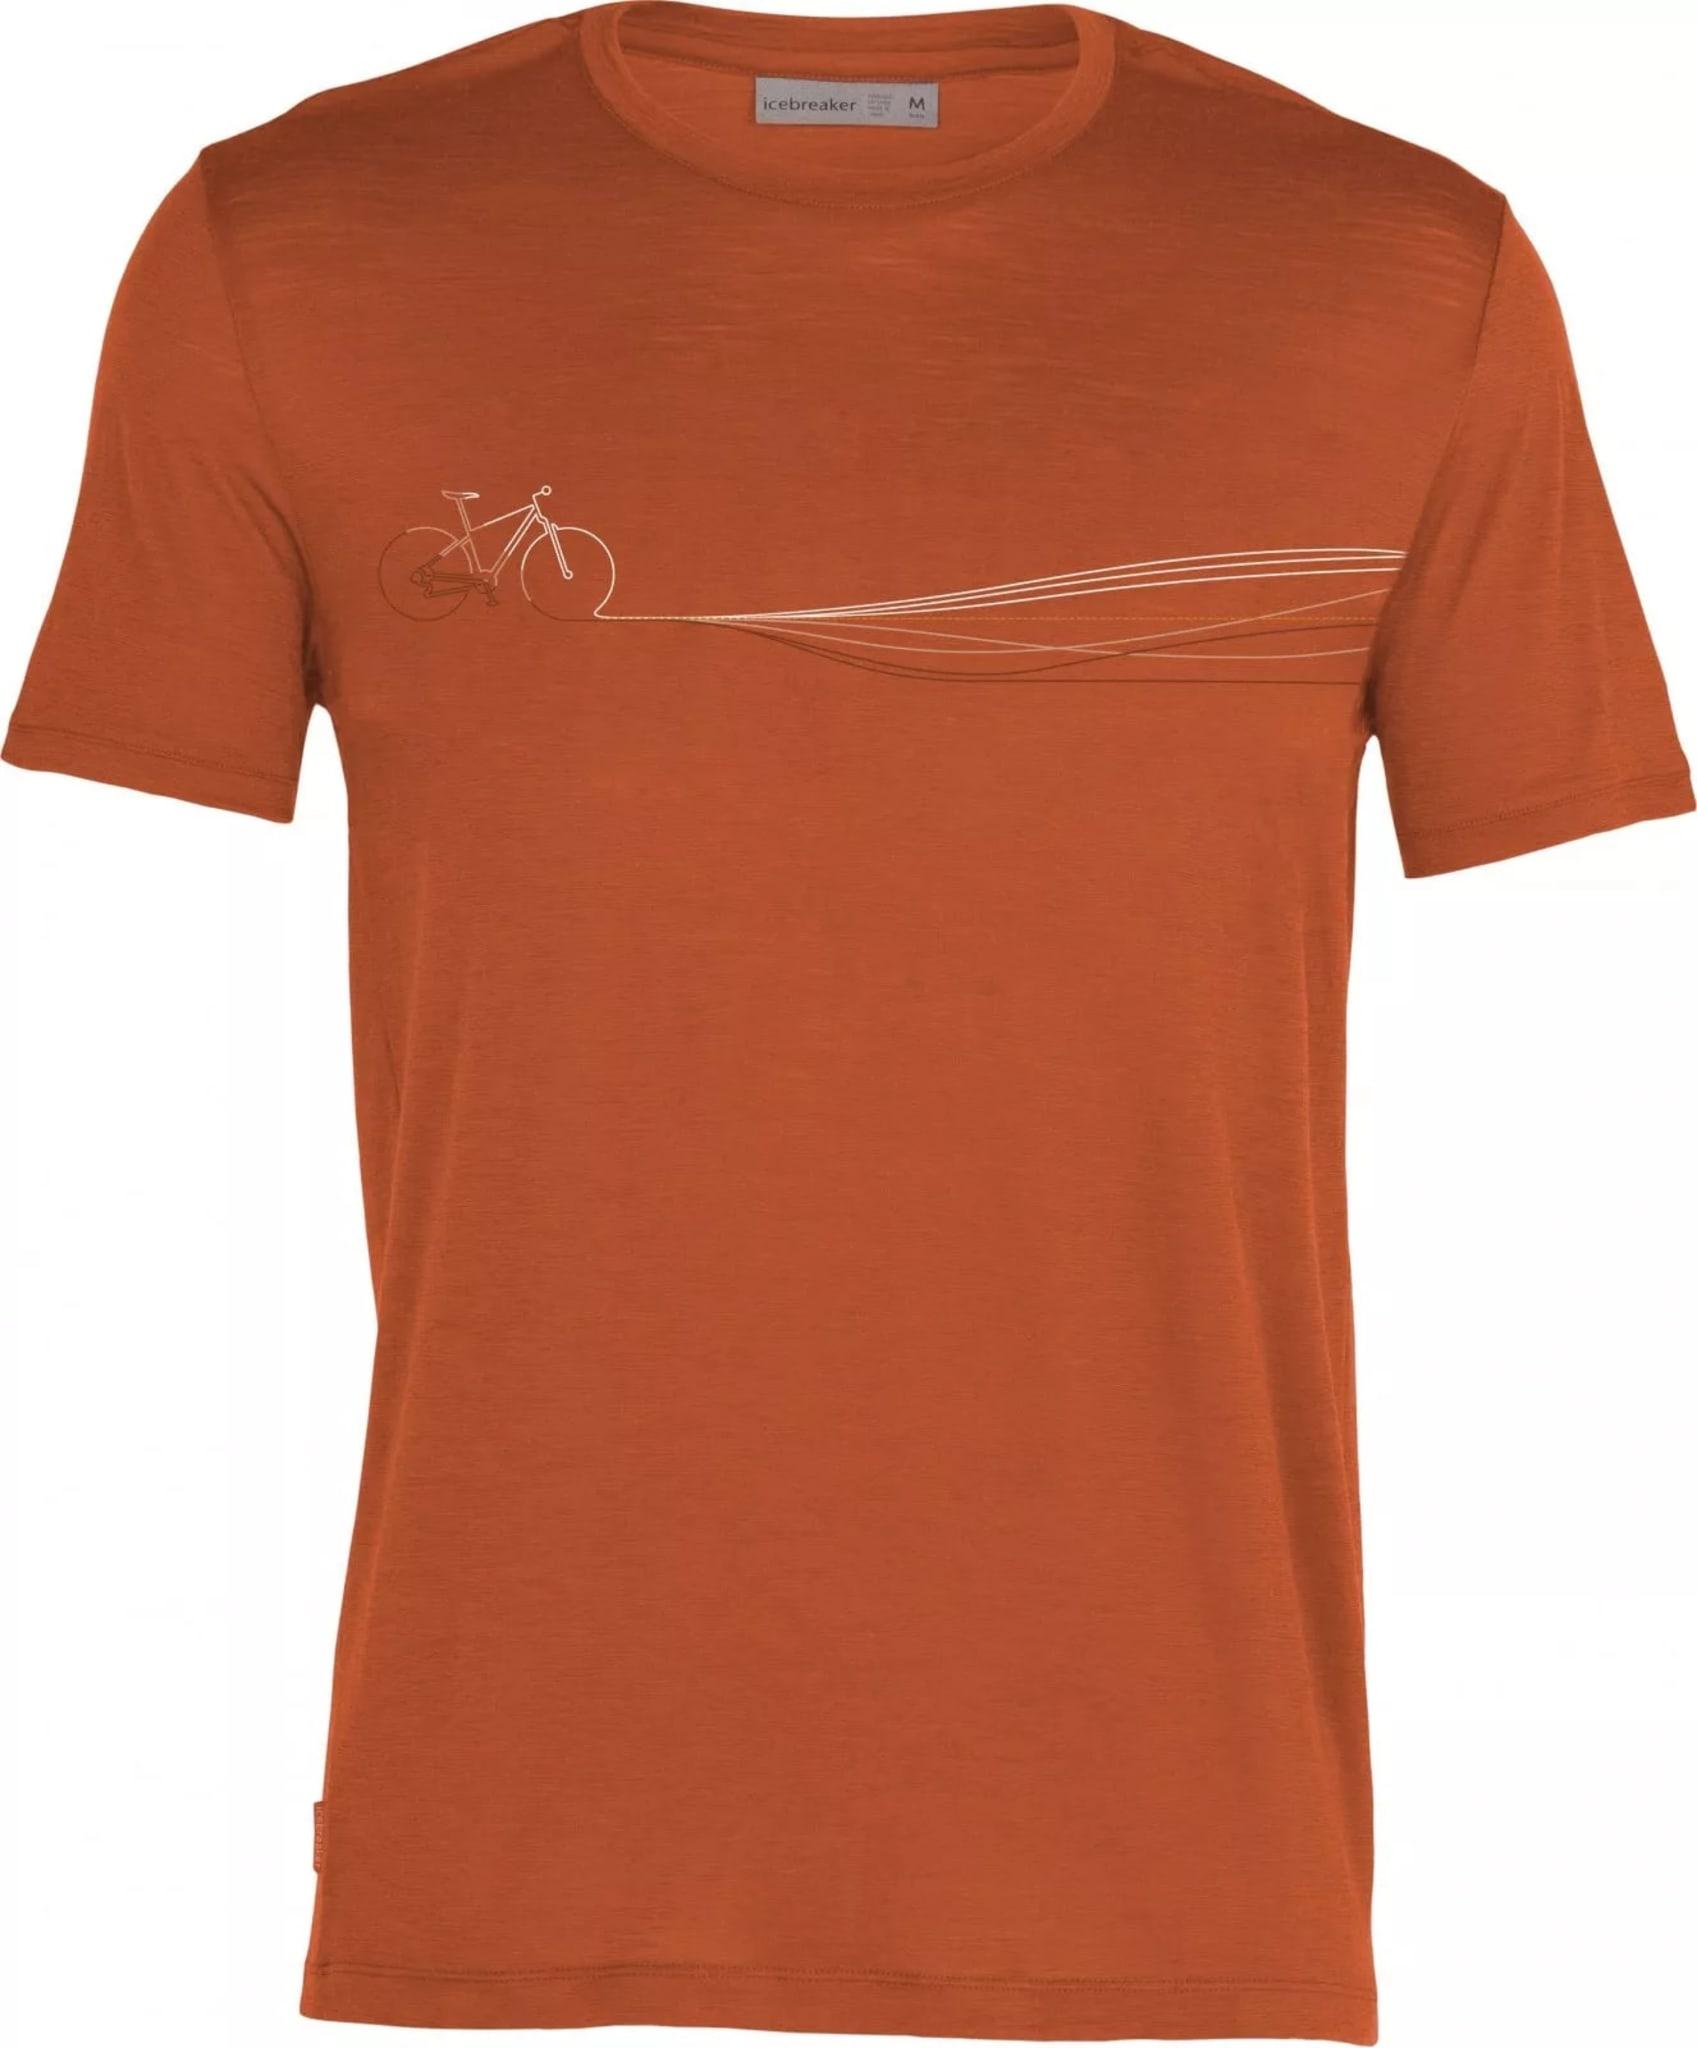 Superlett og pustene t-skjorte i merinoull i den tynneste ullstoffet til Icebreaker.